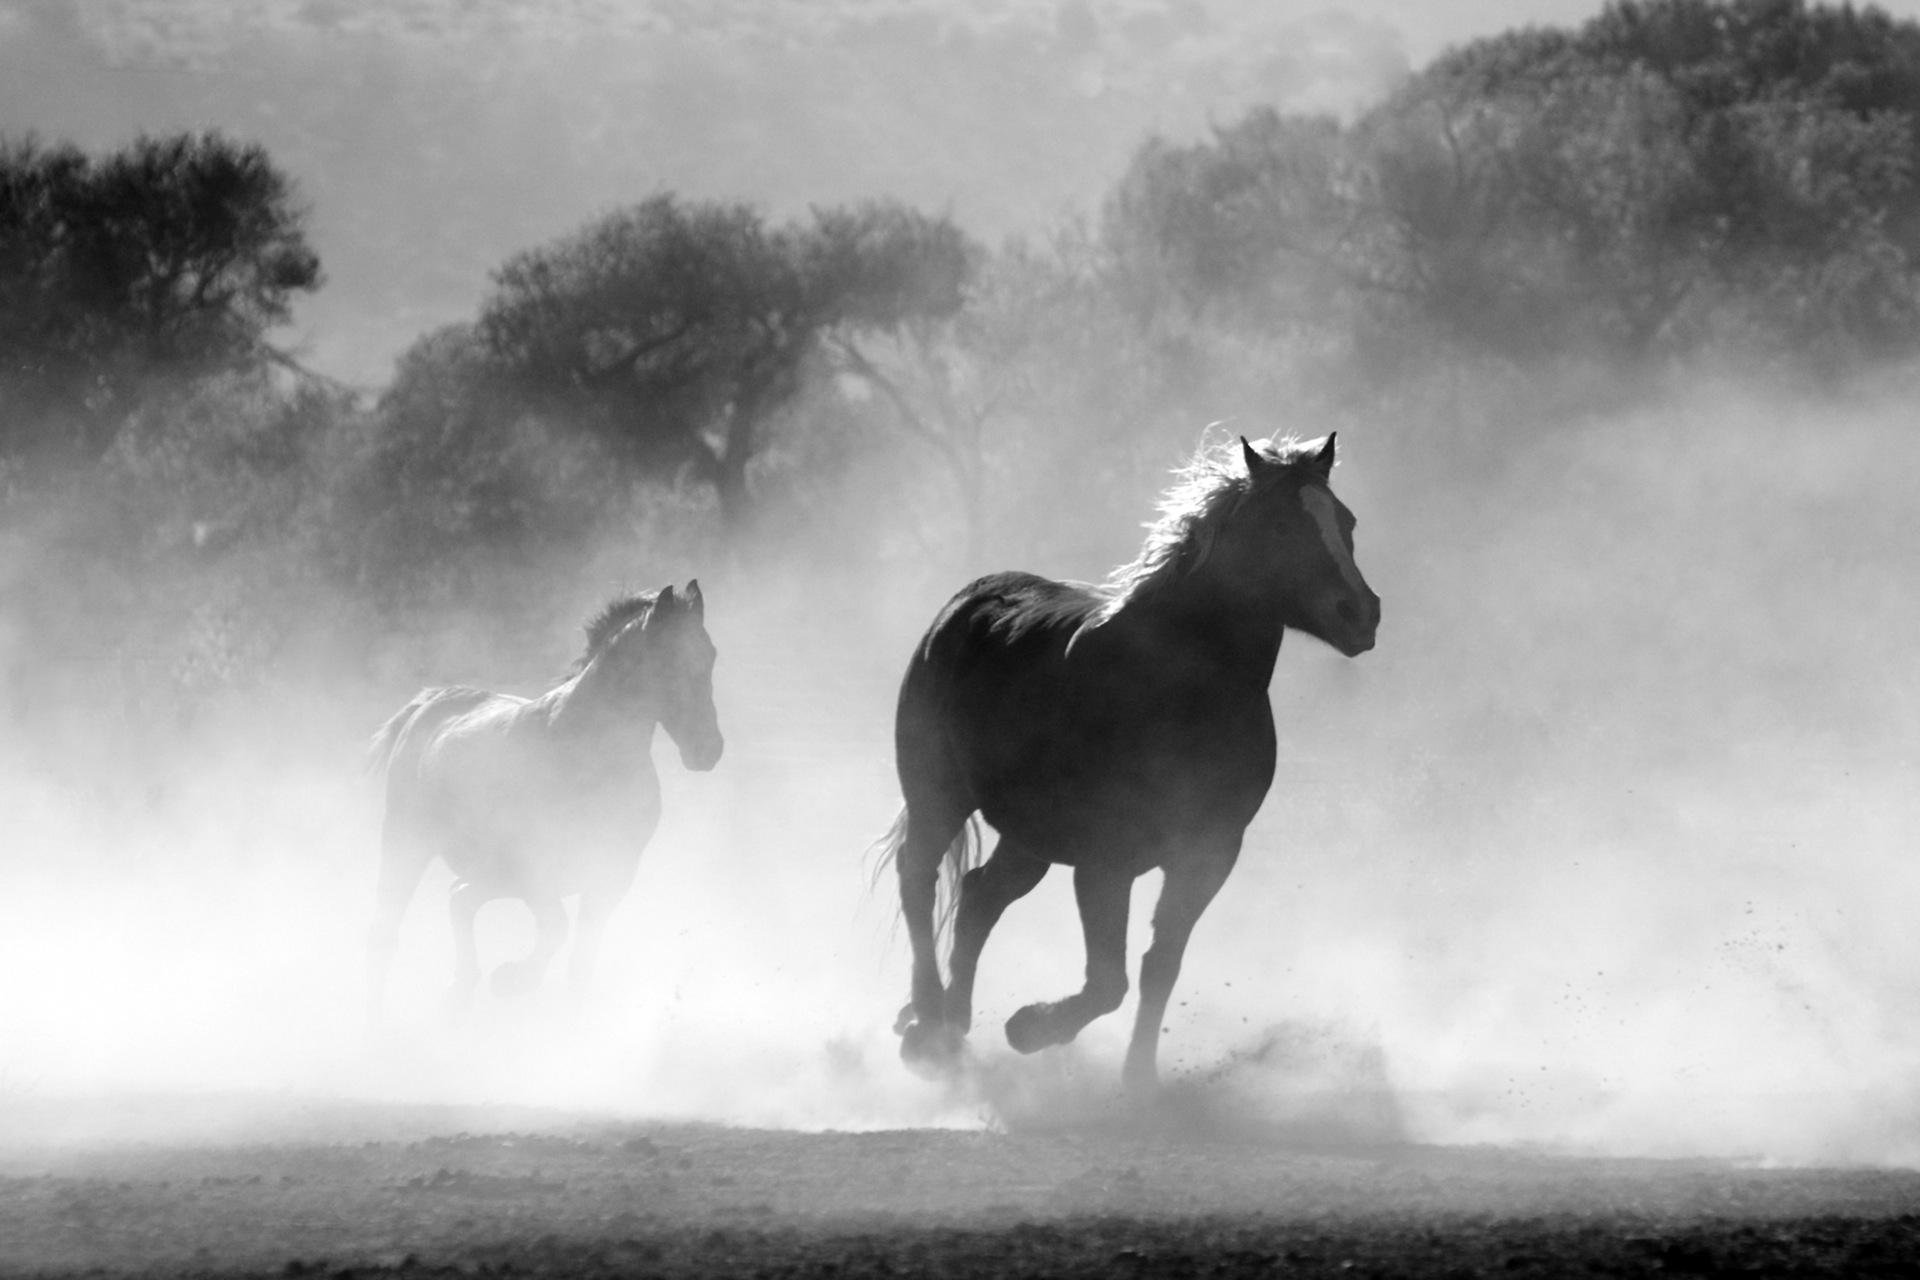 घोड़ों, जंगली, स्वतंत्रता, कैरियर, पाउडर - HD वॉलपेपर - प्रोफेसर-falken.com